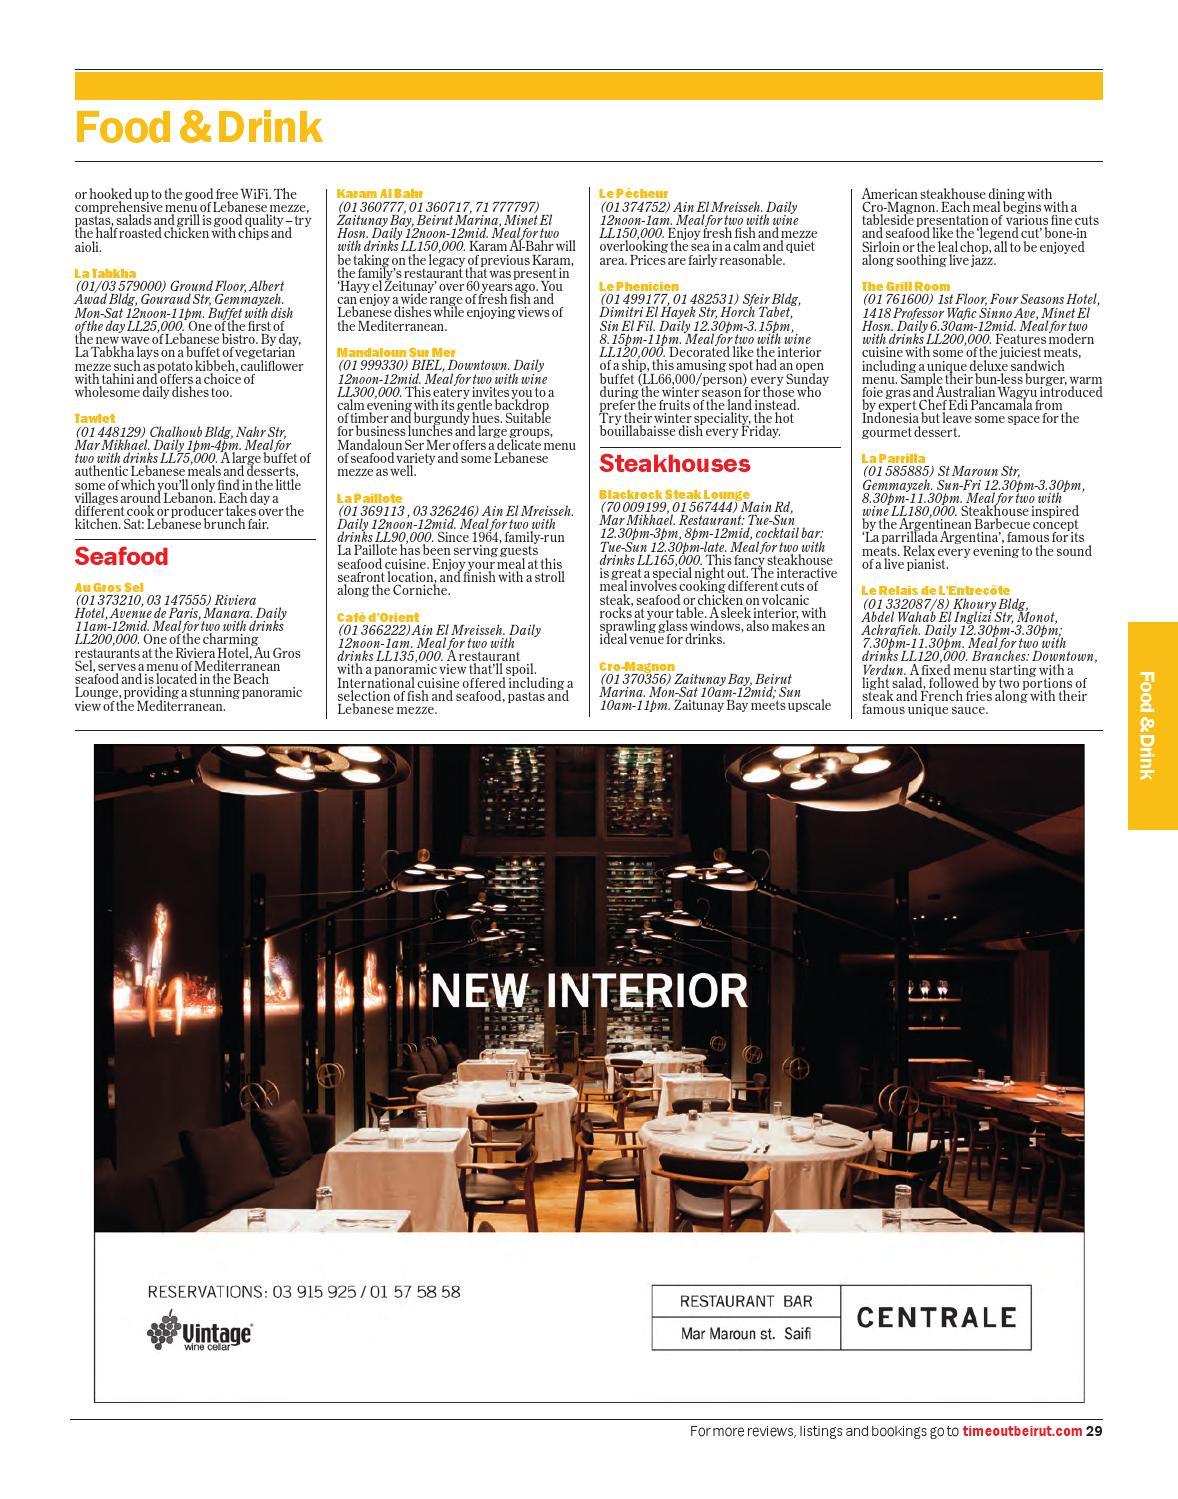 Table Centrale De Cuisine time out beirut-jan 15-31 2014 no. 67: mind, body & soul